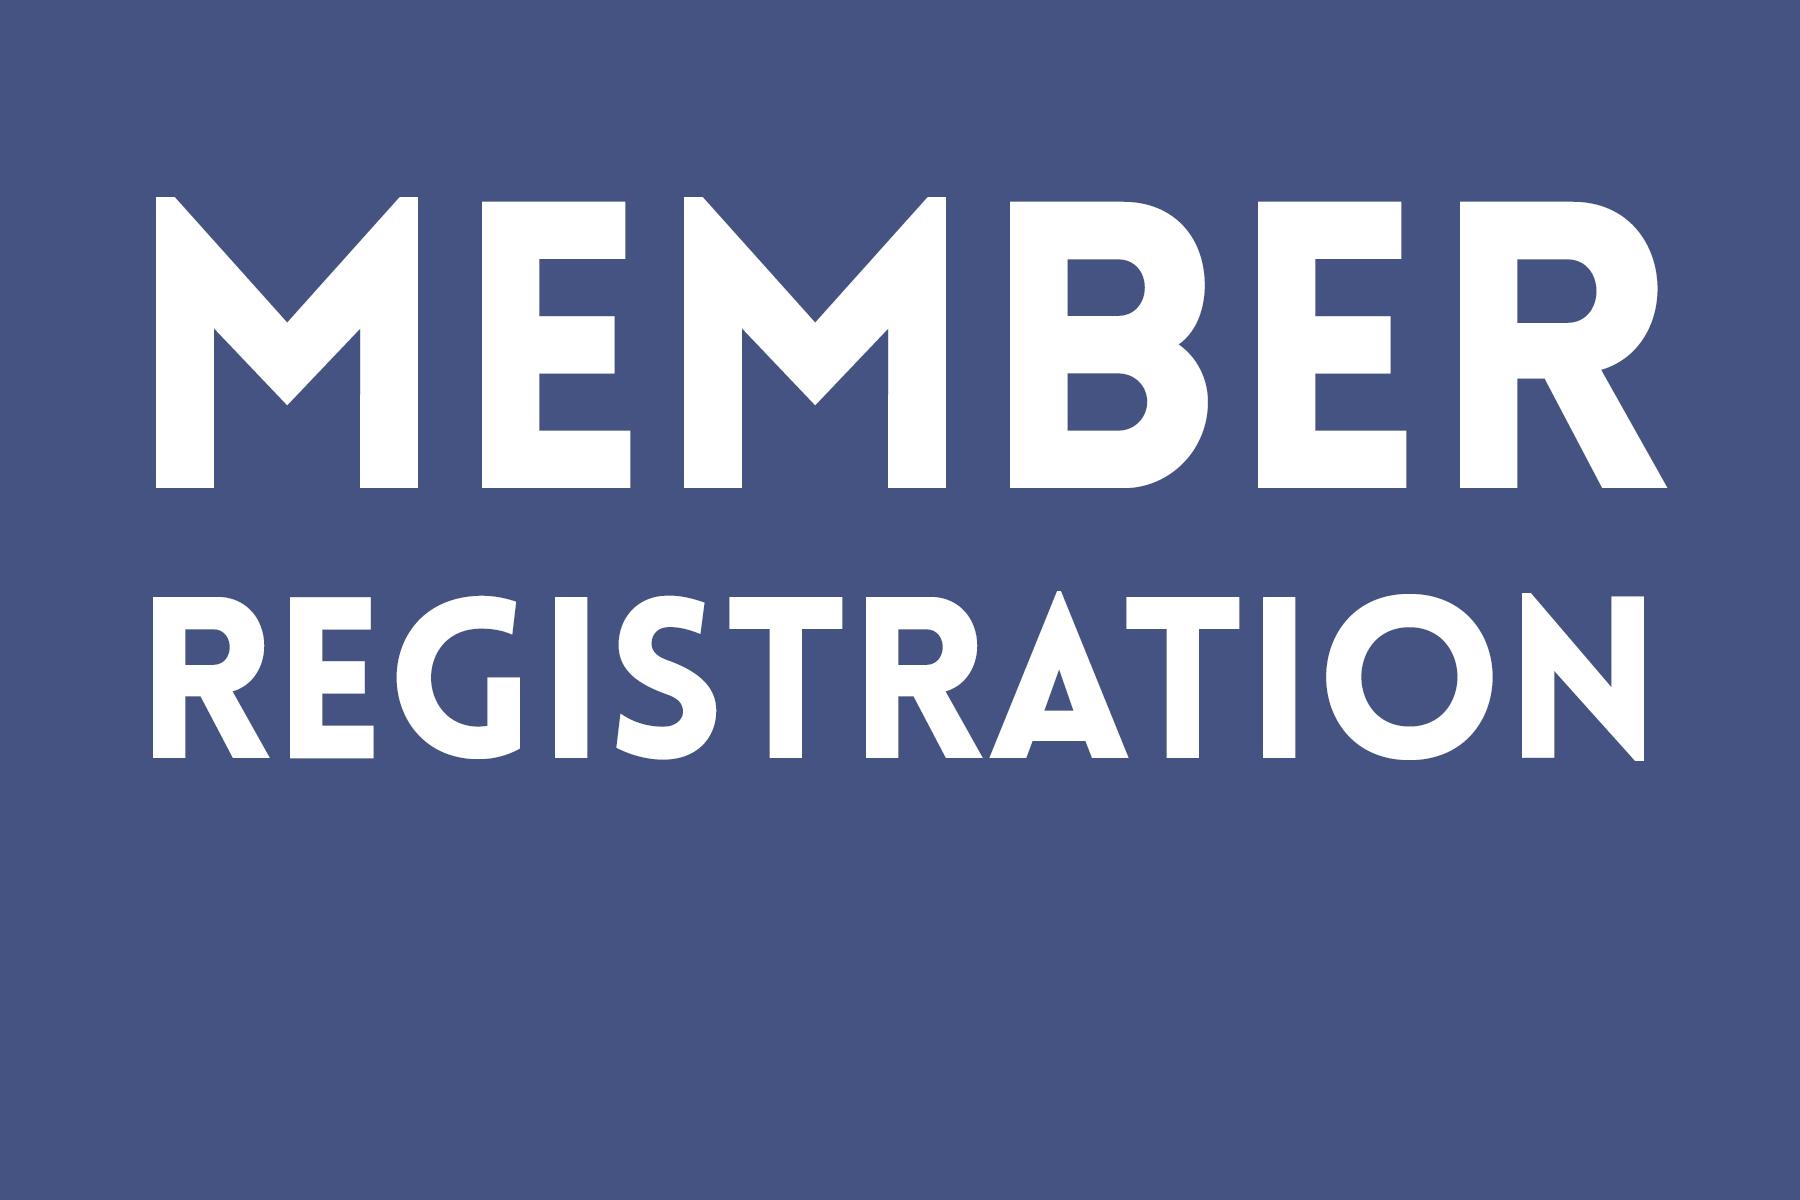 ACM MEMBER REGISTRATION